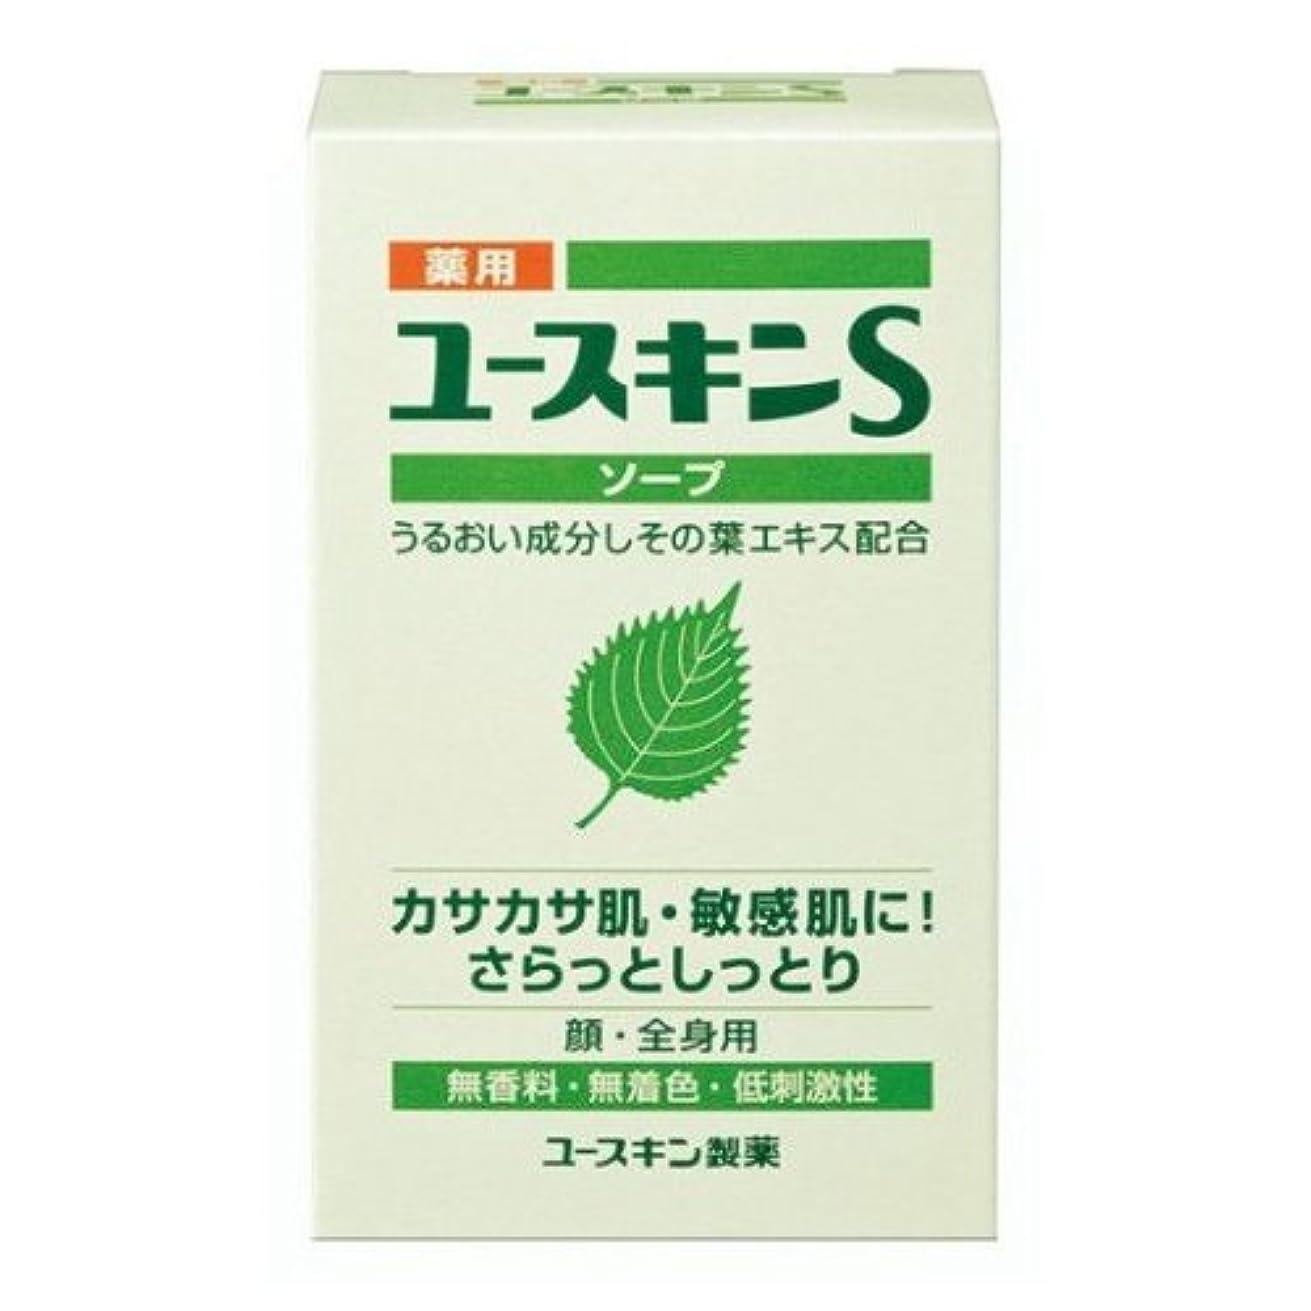 困惑したマインドカリキュラム薬用ユースキンS ソープ 90g (敏感肌用 透明石鹸) 【医薬部外品】